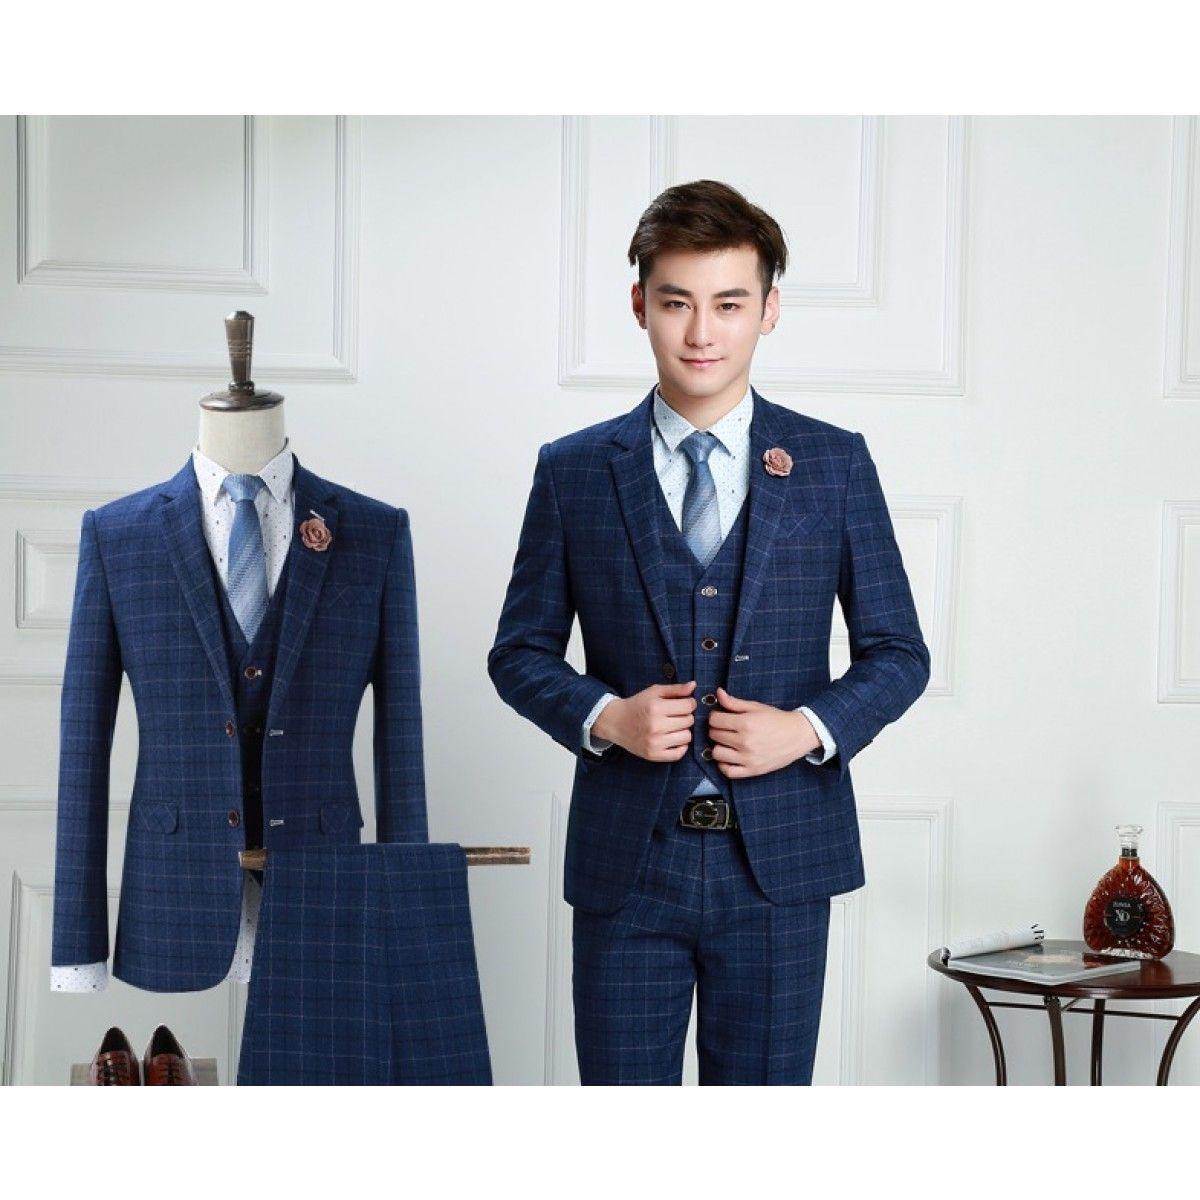 costume 3 pi ces carreaux cossais pour homme vintage habits pinterest costumes. Black Bedroom Furniture Sets. Home Design Ideas